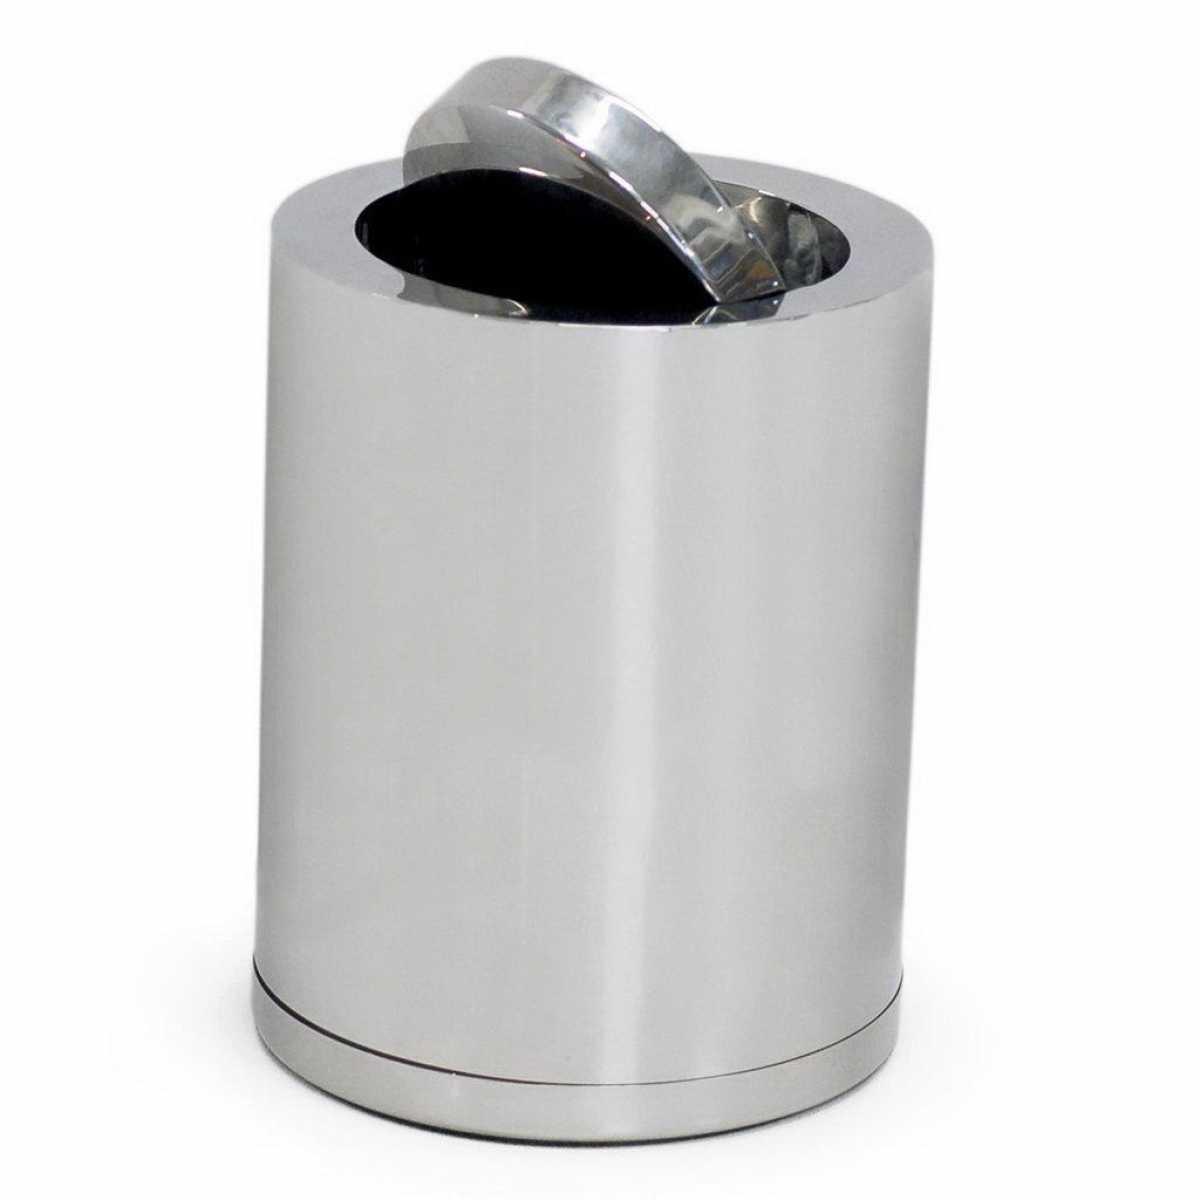 CRASTER Kapaklı Çöp Kovası